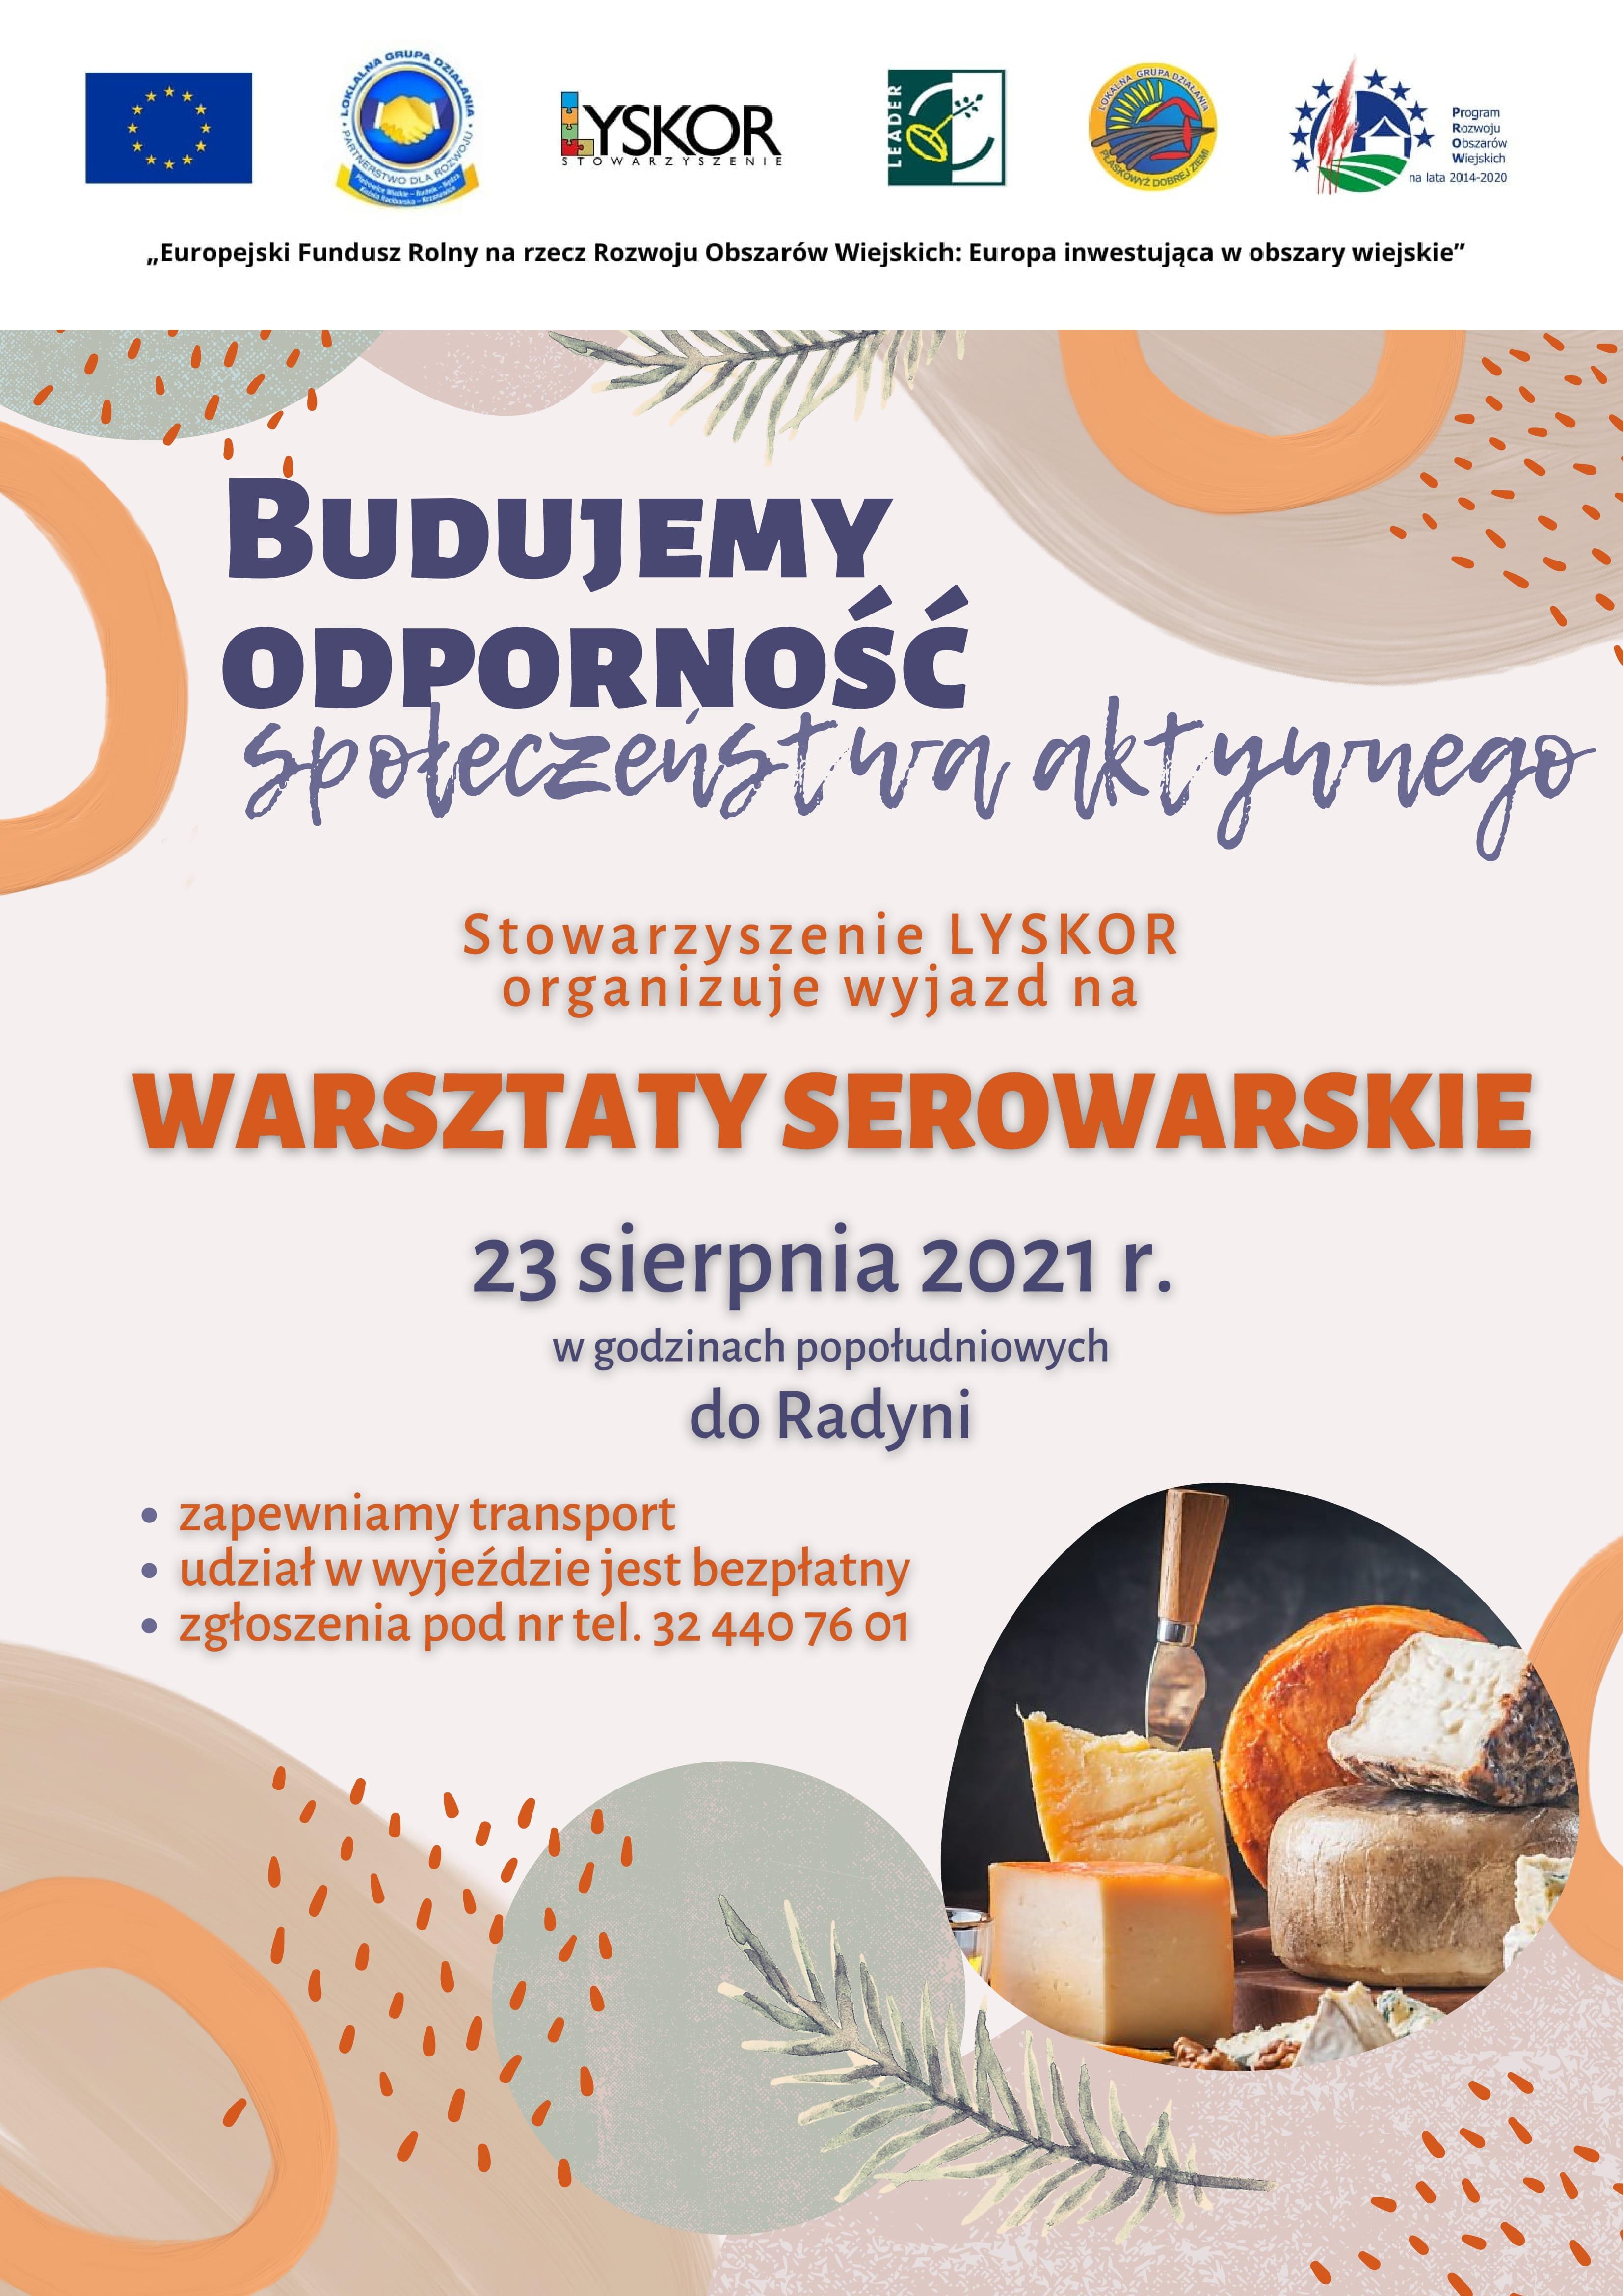 warsztaty serowarskie-1